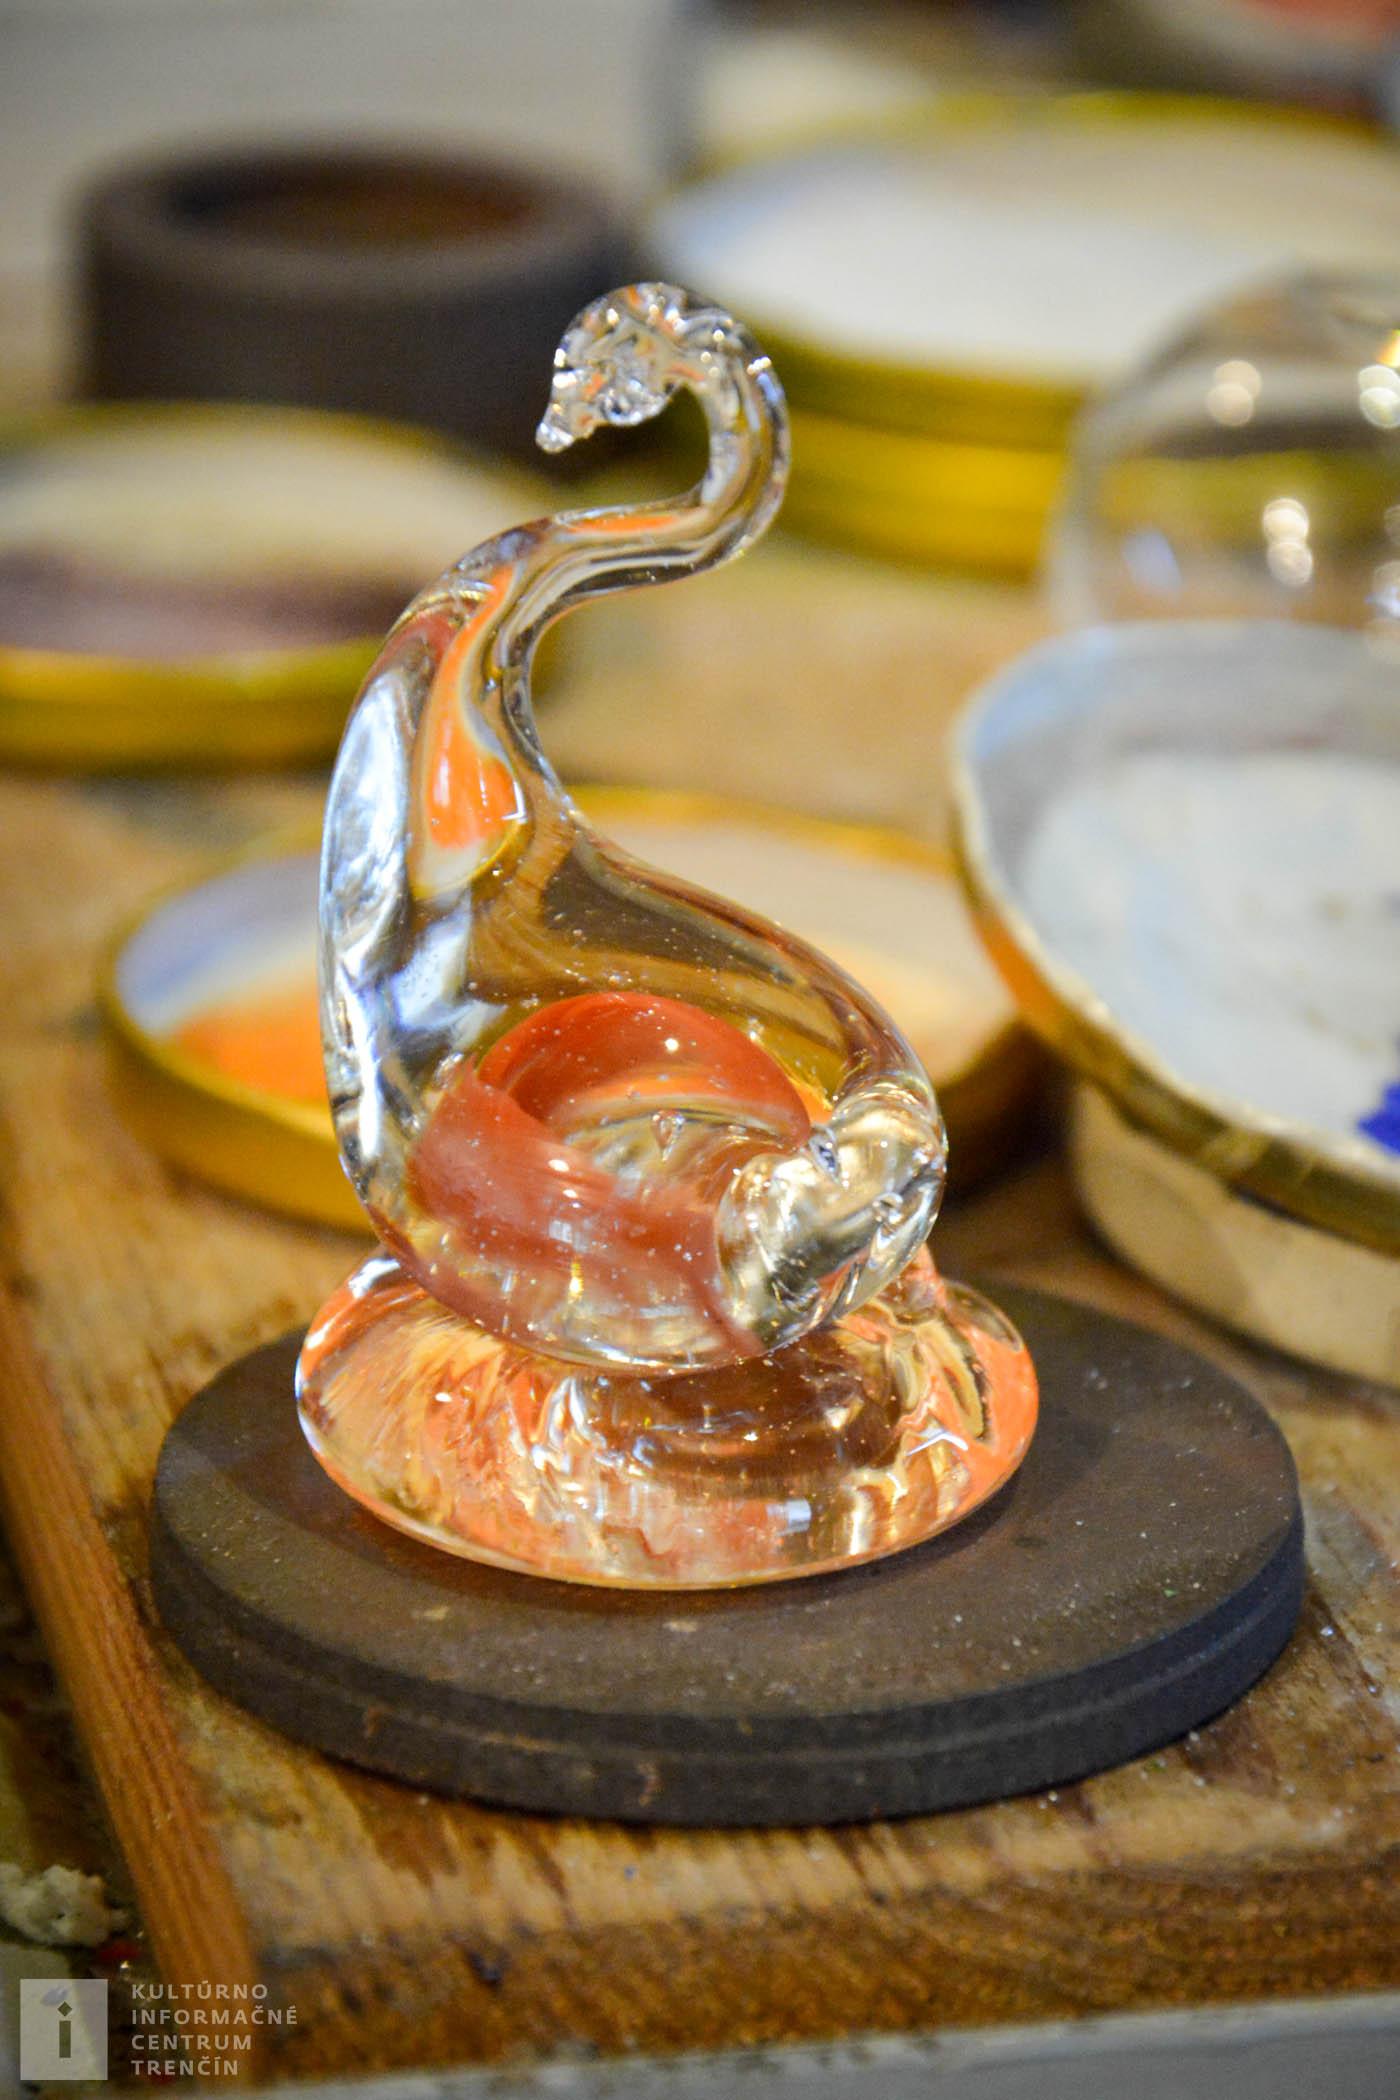 V sklárskom skanzene sa dozviete z čoho sklo vzniká, ako sa taví a môžete si obhliadnuť pomôcky a nástroje na tvarovanie skla.